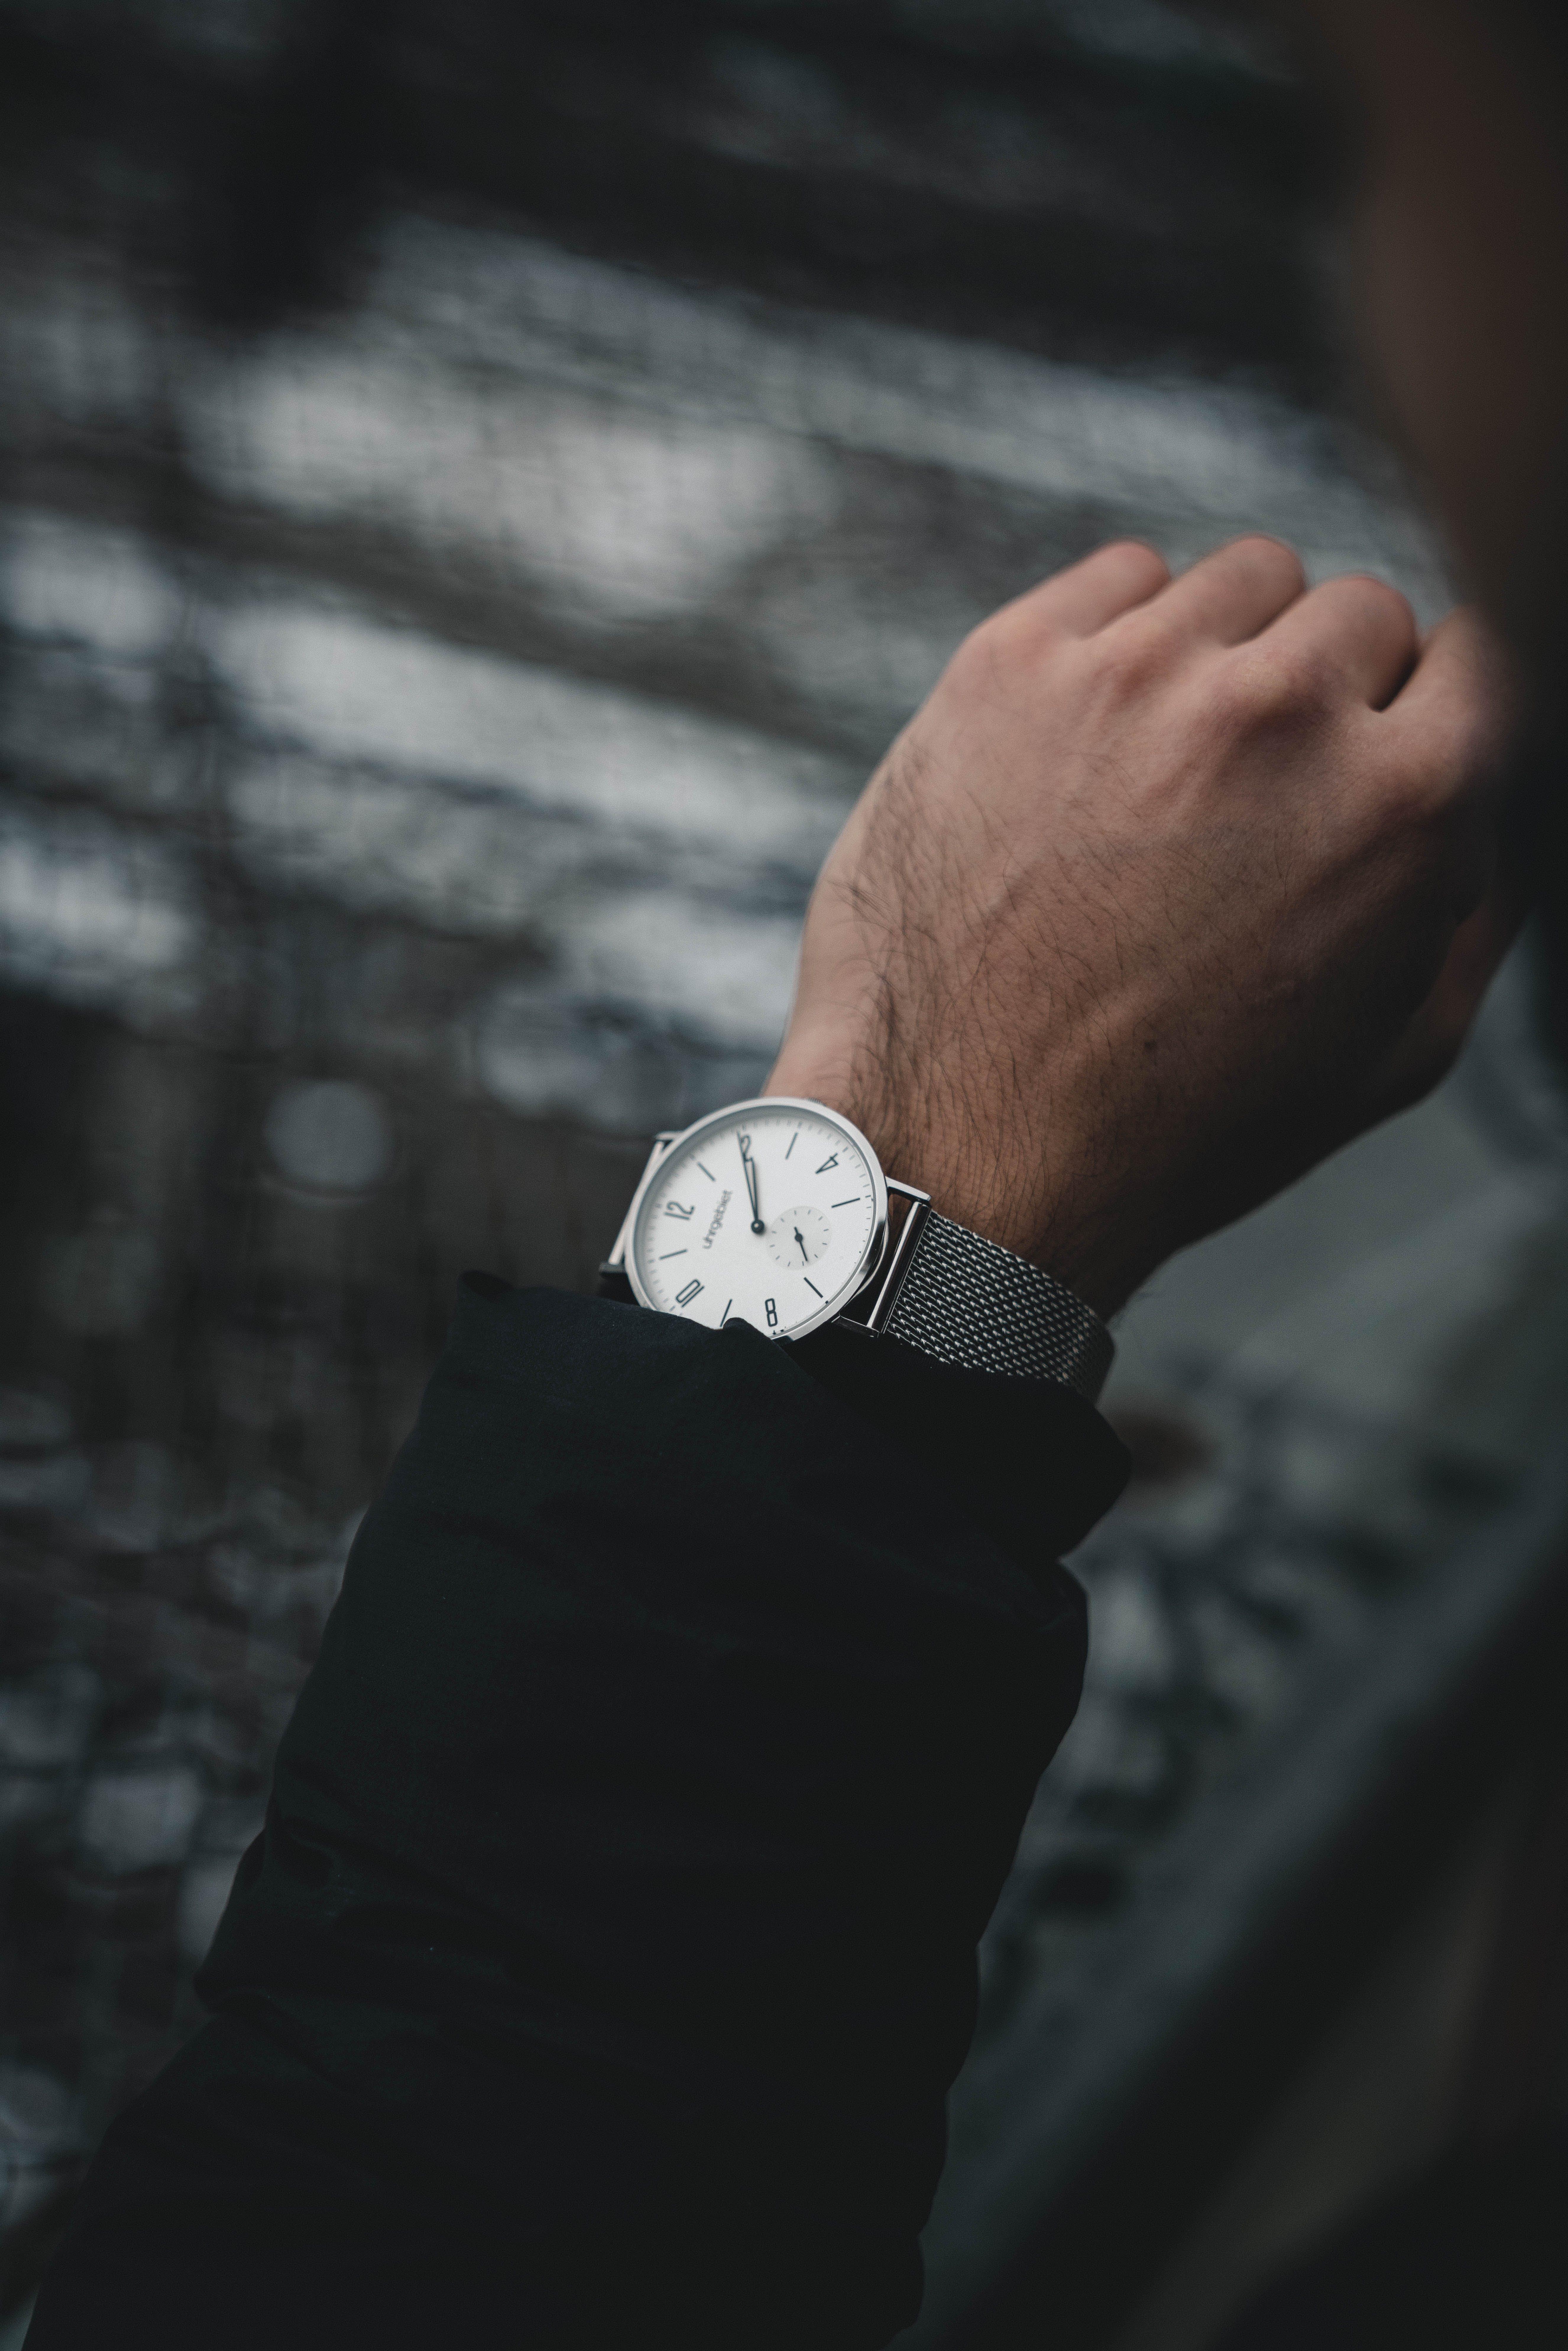 Gratis lagerfoto af armbåndsur, hånd, håndled, klassisk